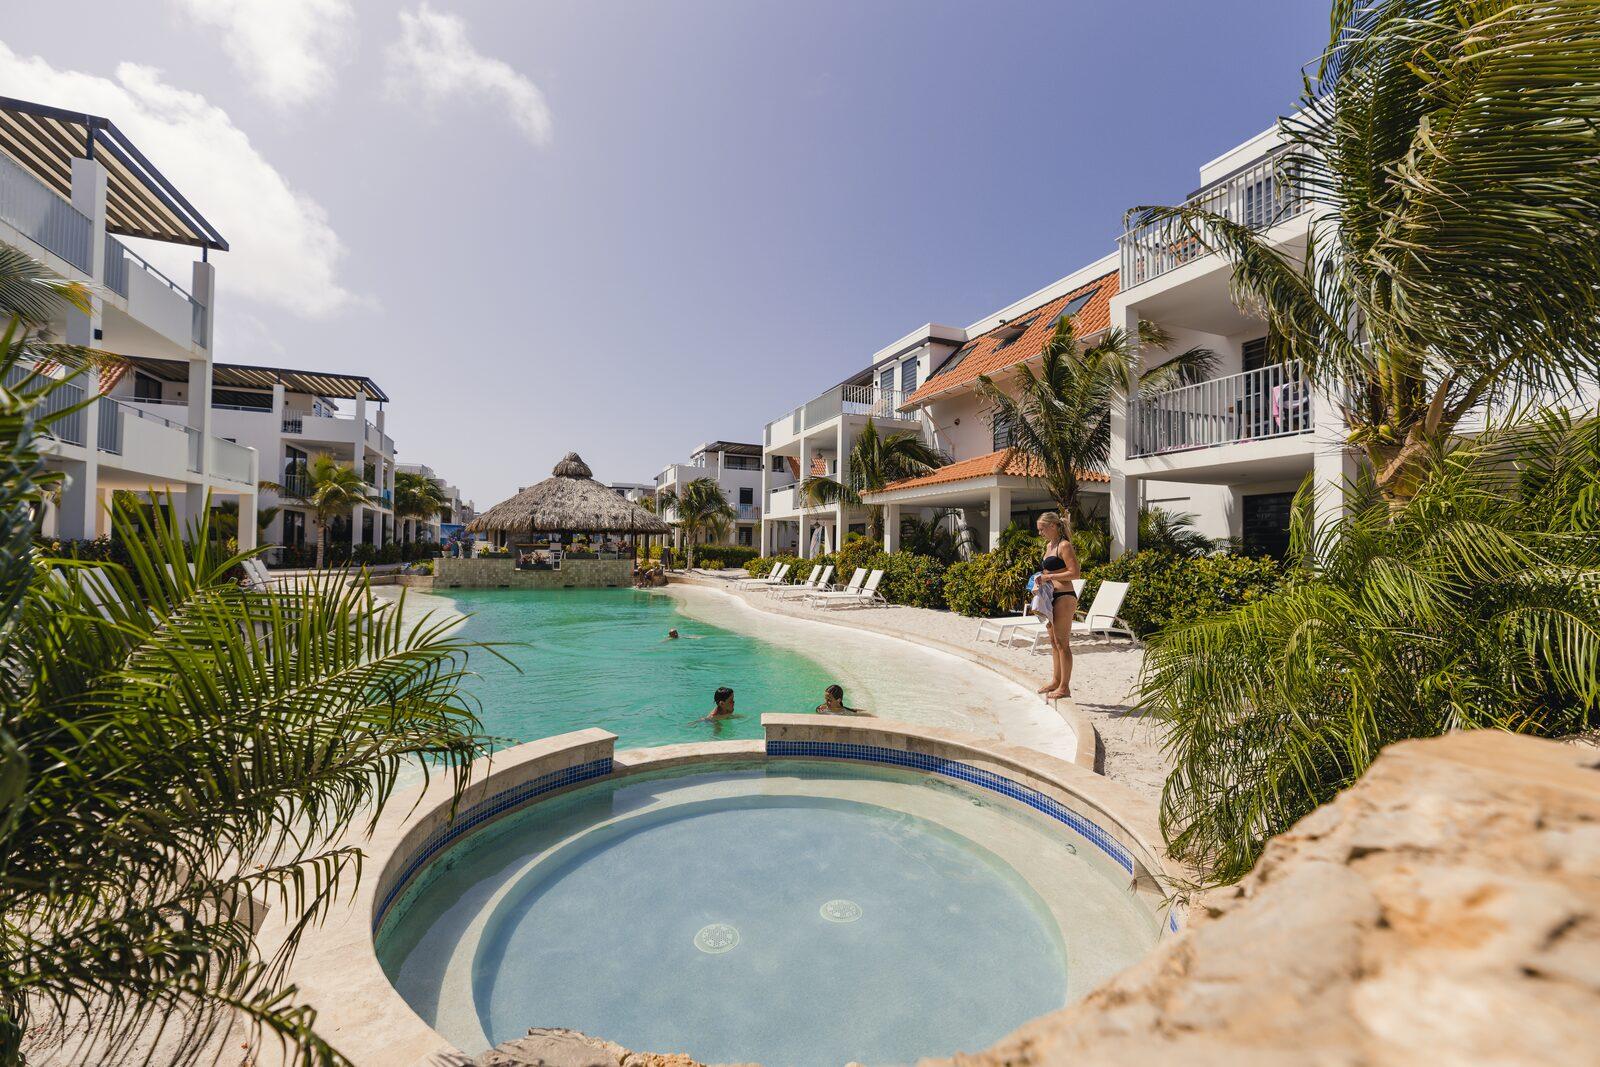 Piscine Resort Bonaire